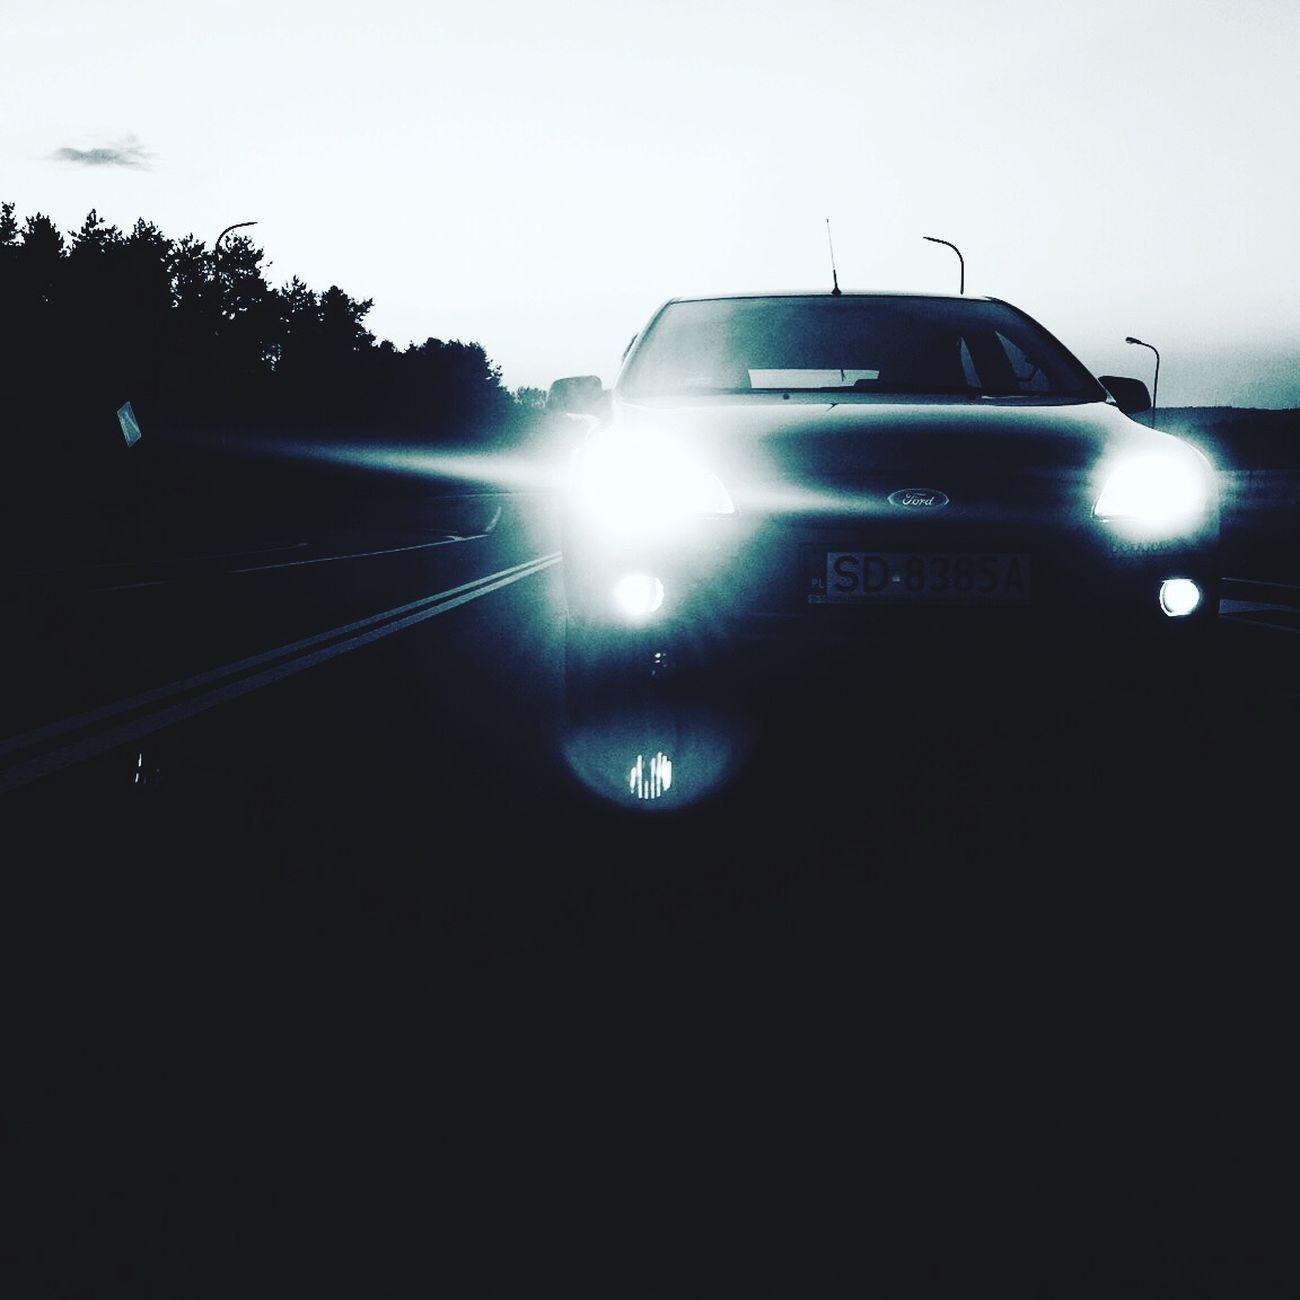 Ford Focus Mk2 FirstCar Fanatyczni 🚘👌🏻 First Eyeem Photo